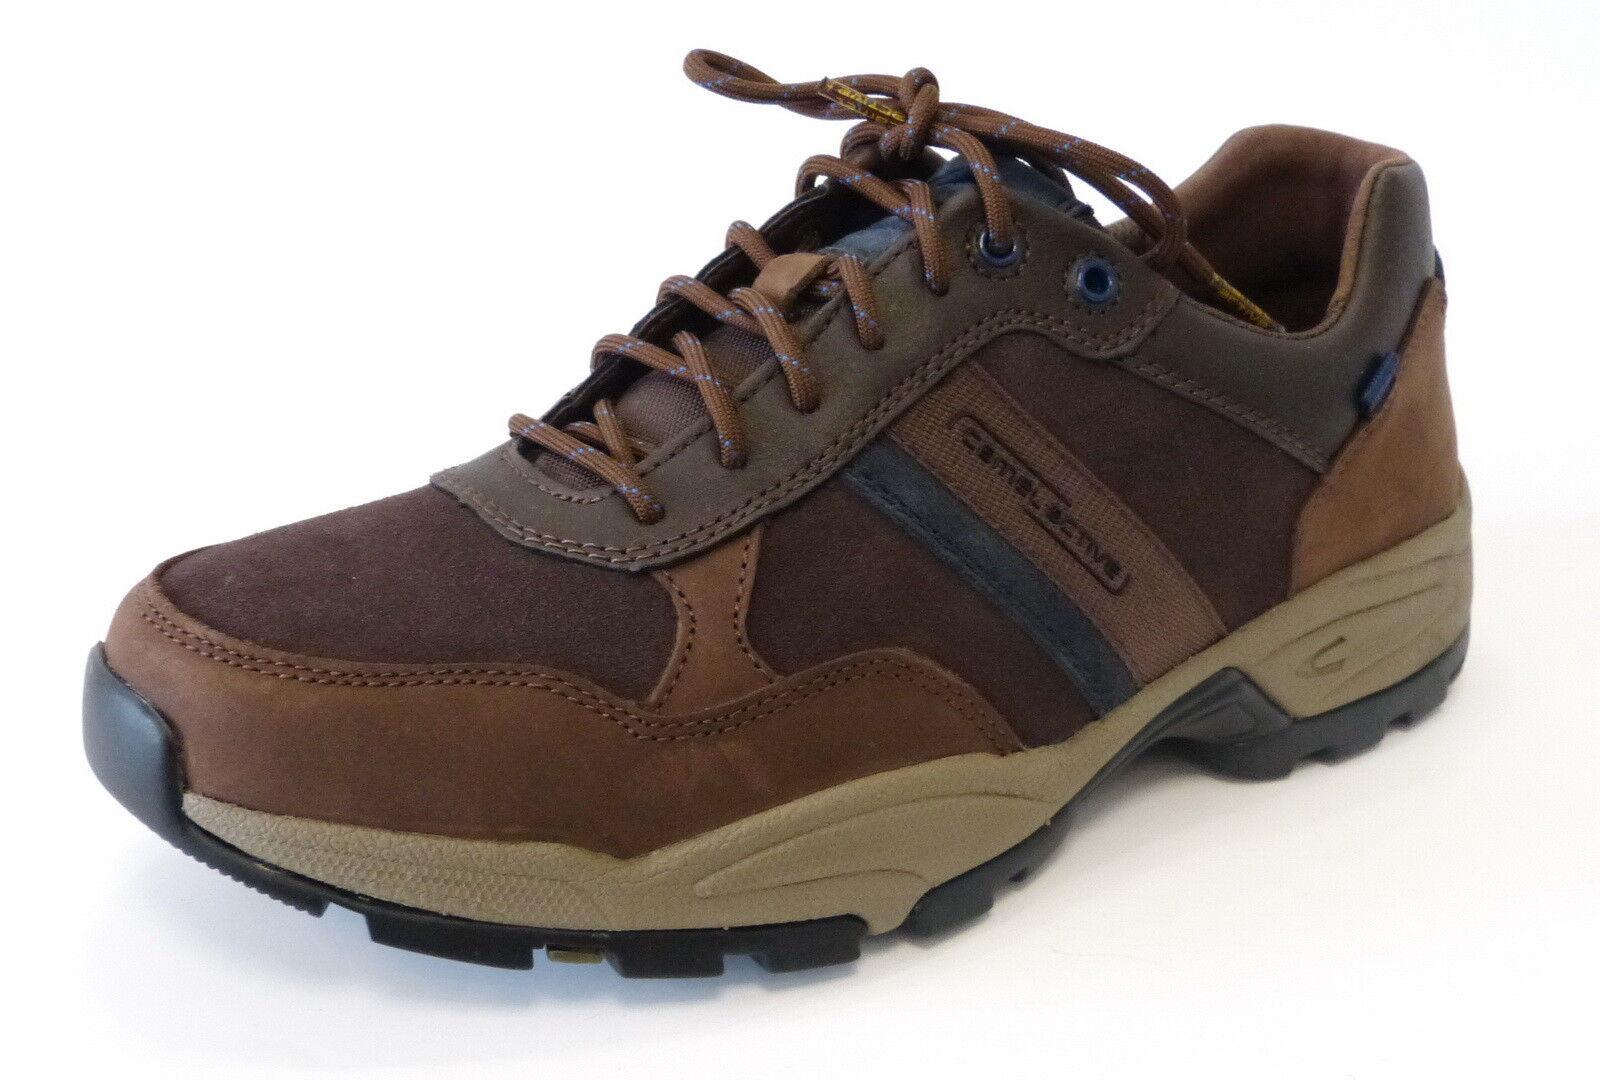 Camel Active Sneaker Trekking 13830 05 brown Evolution Leder Schnür Halbschuh